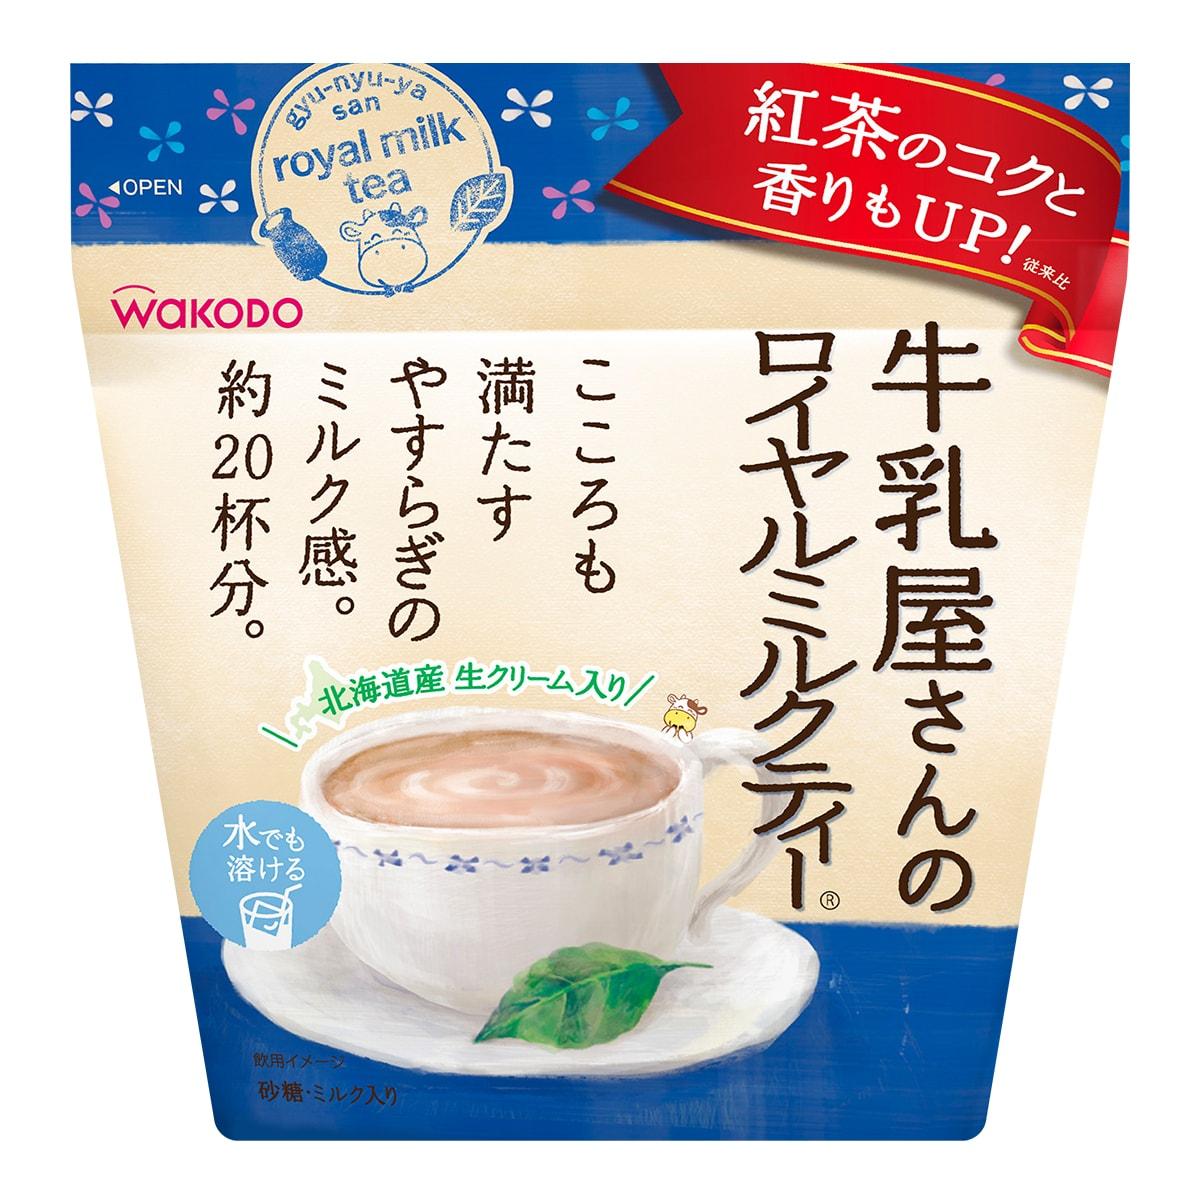 日本WAKODO牛乳屋 速溶皇家奶茶粉 260g